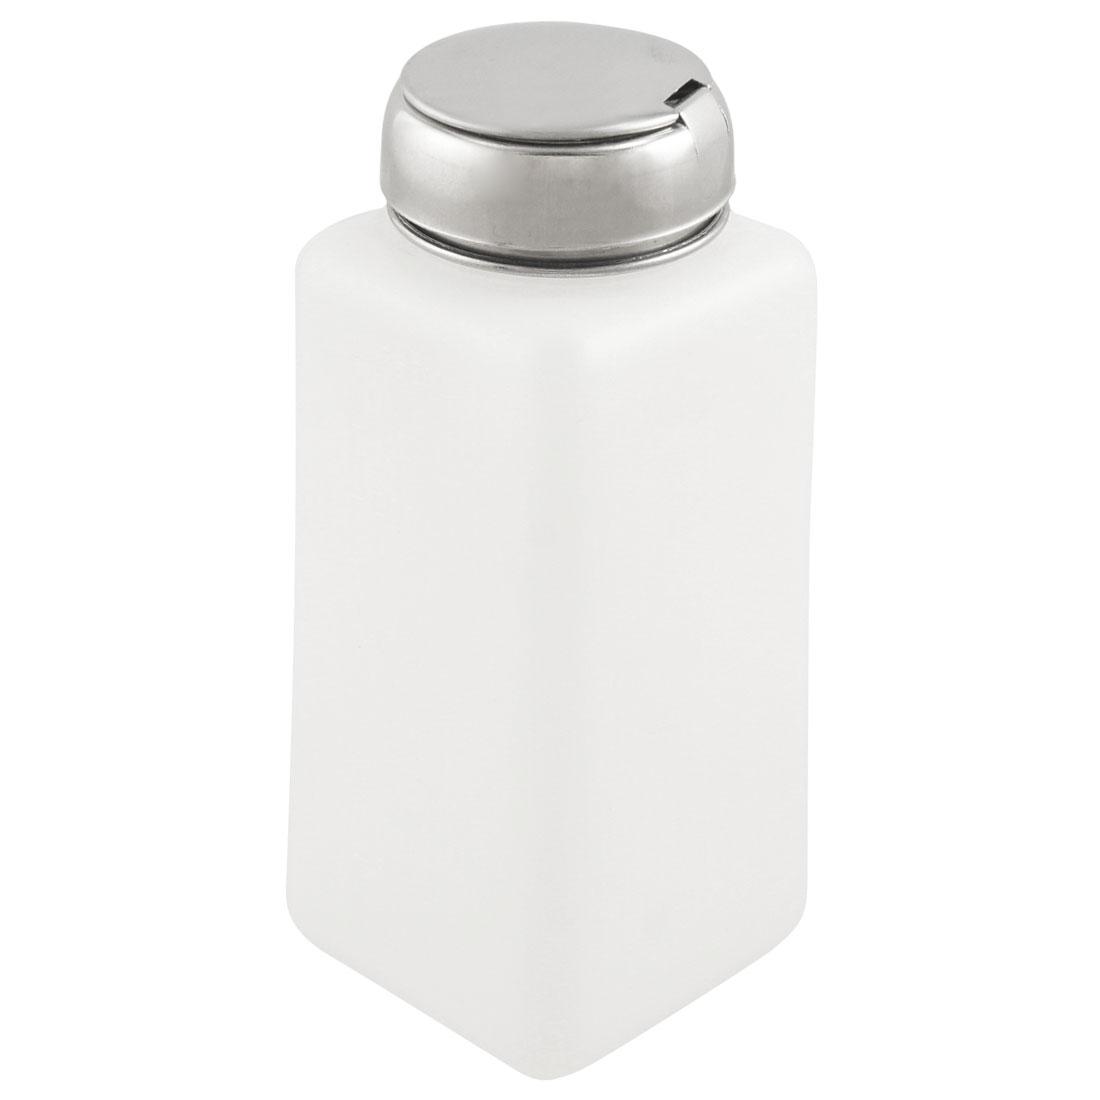 White Plastic Metal Cap Liquid Container Alcohol Bottle 250ml Capacity